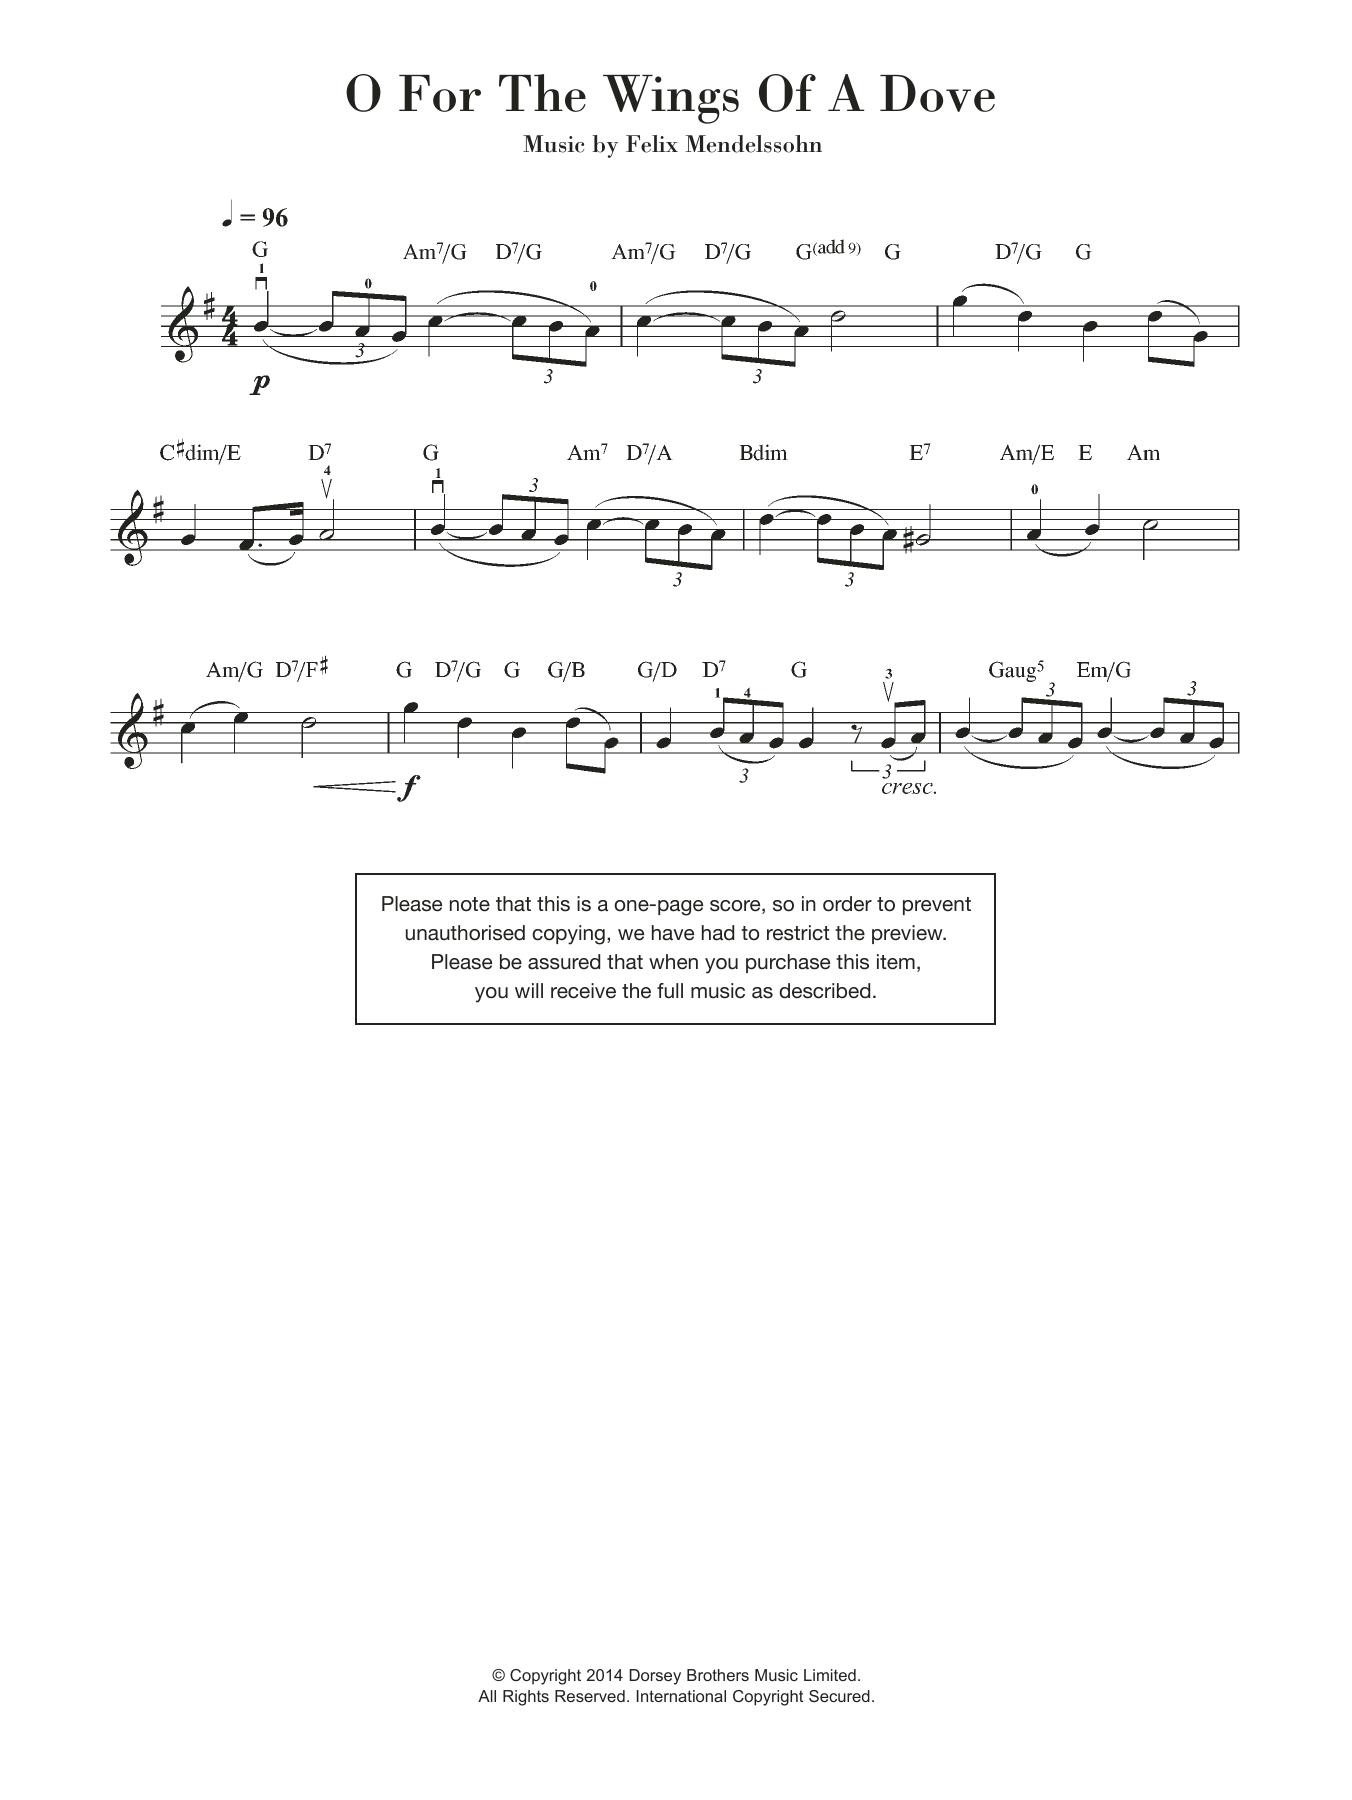 Felix Mendelssohn - O For The Wings Of A Dove